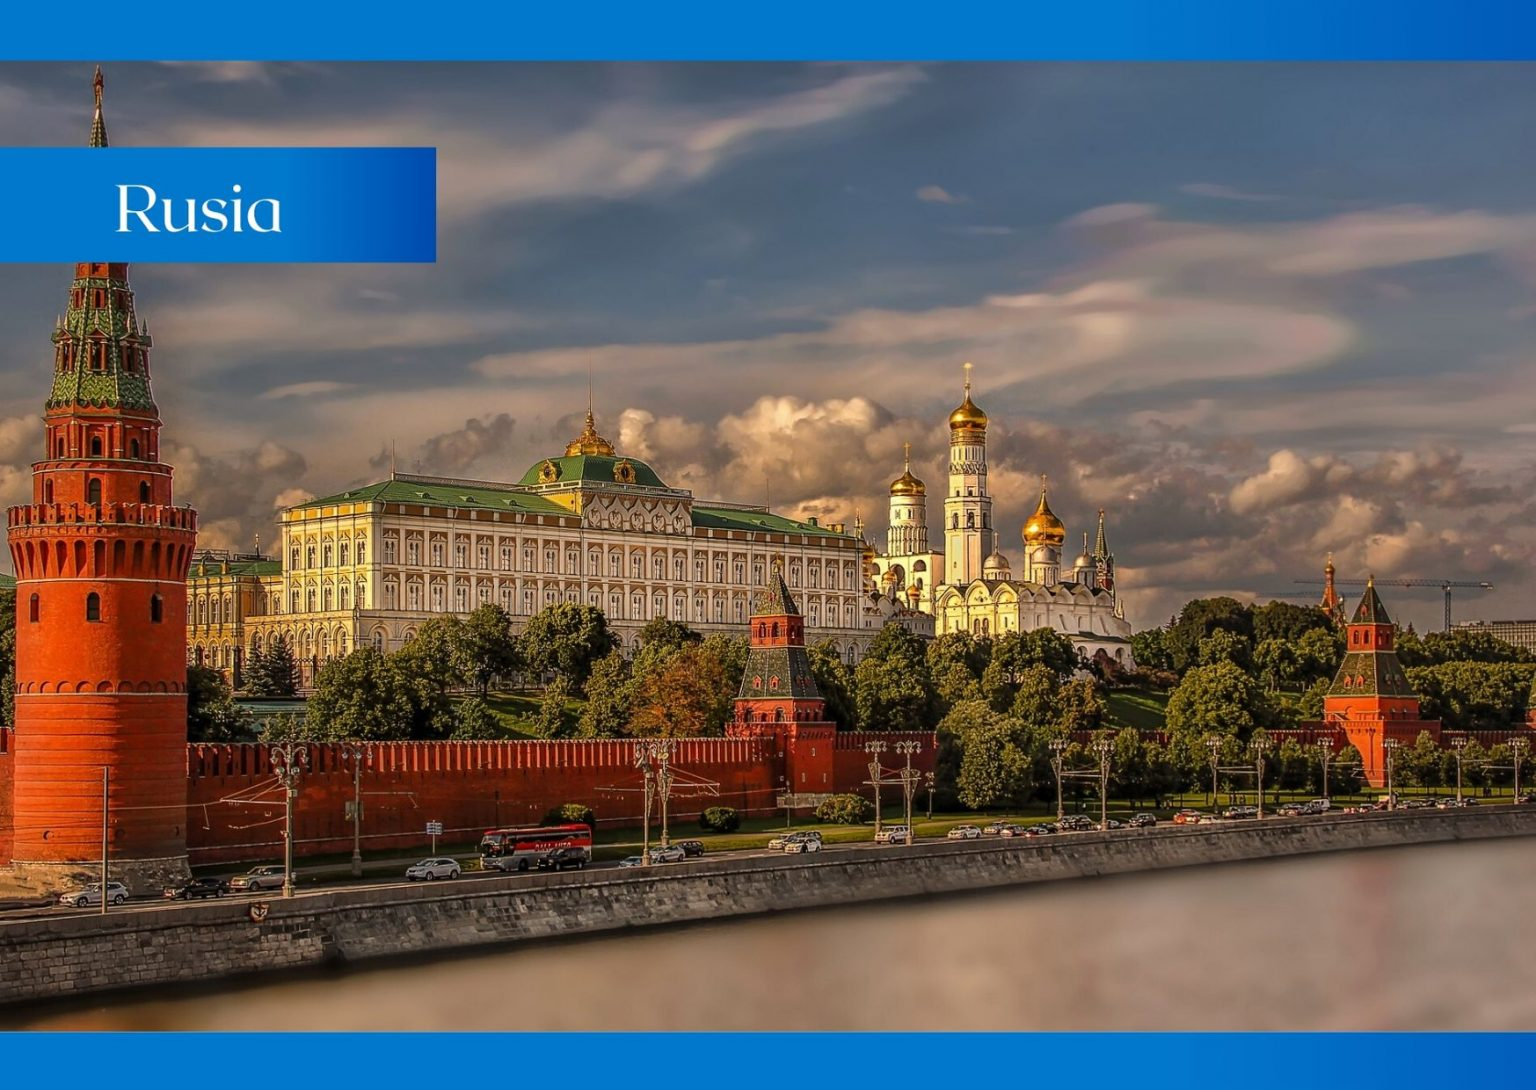 Rusia posee más del 30% de los recursos naturales del mundo, y es considerado una superpotencia energética.